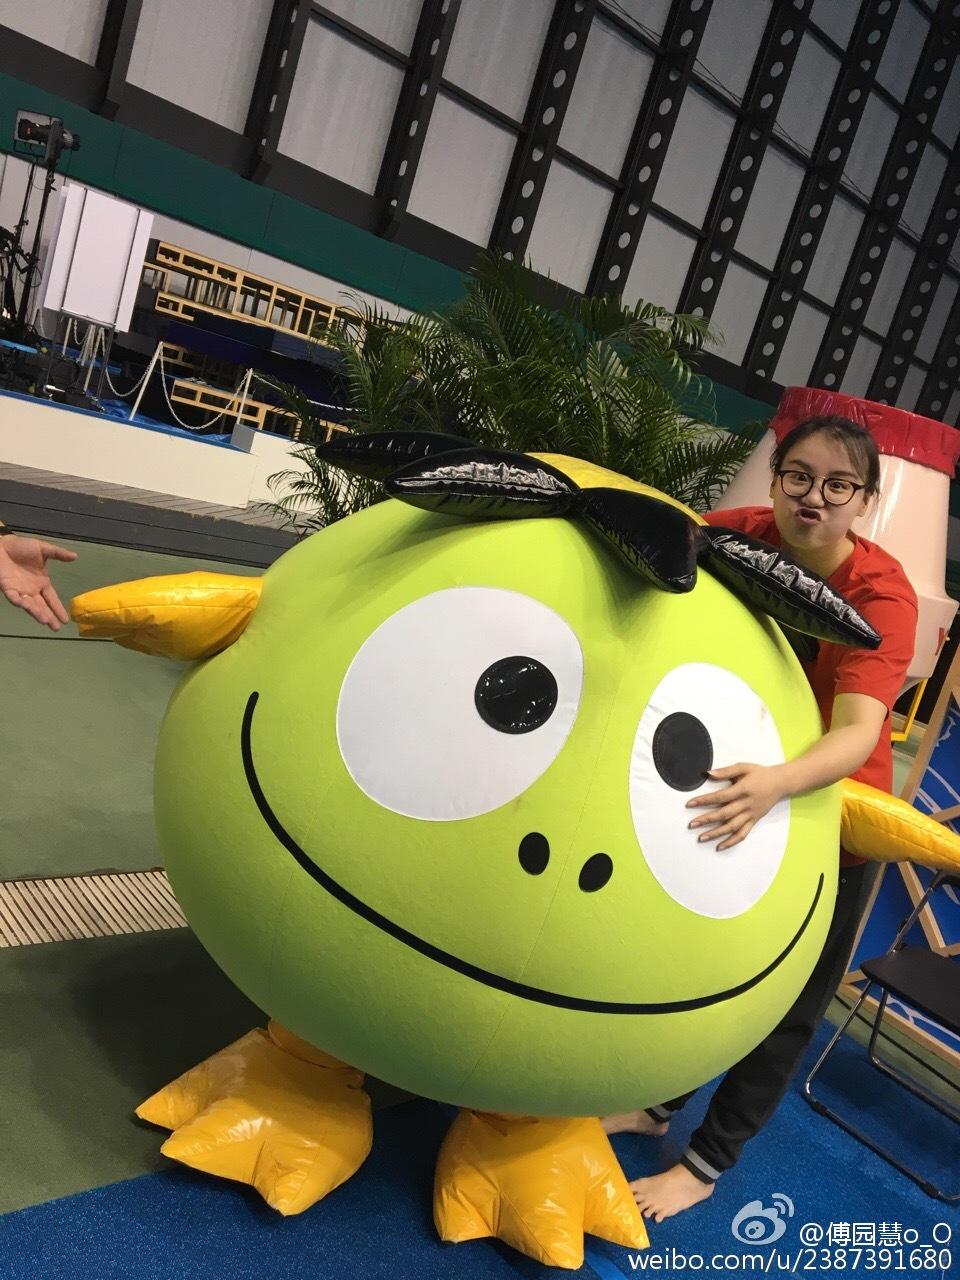 游泳亚锦赛傅园慧获两枚金牌 网友发现赛前她竟把自己胳膊抓出血痕